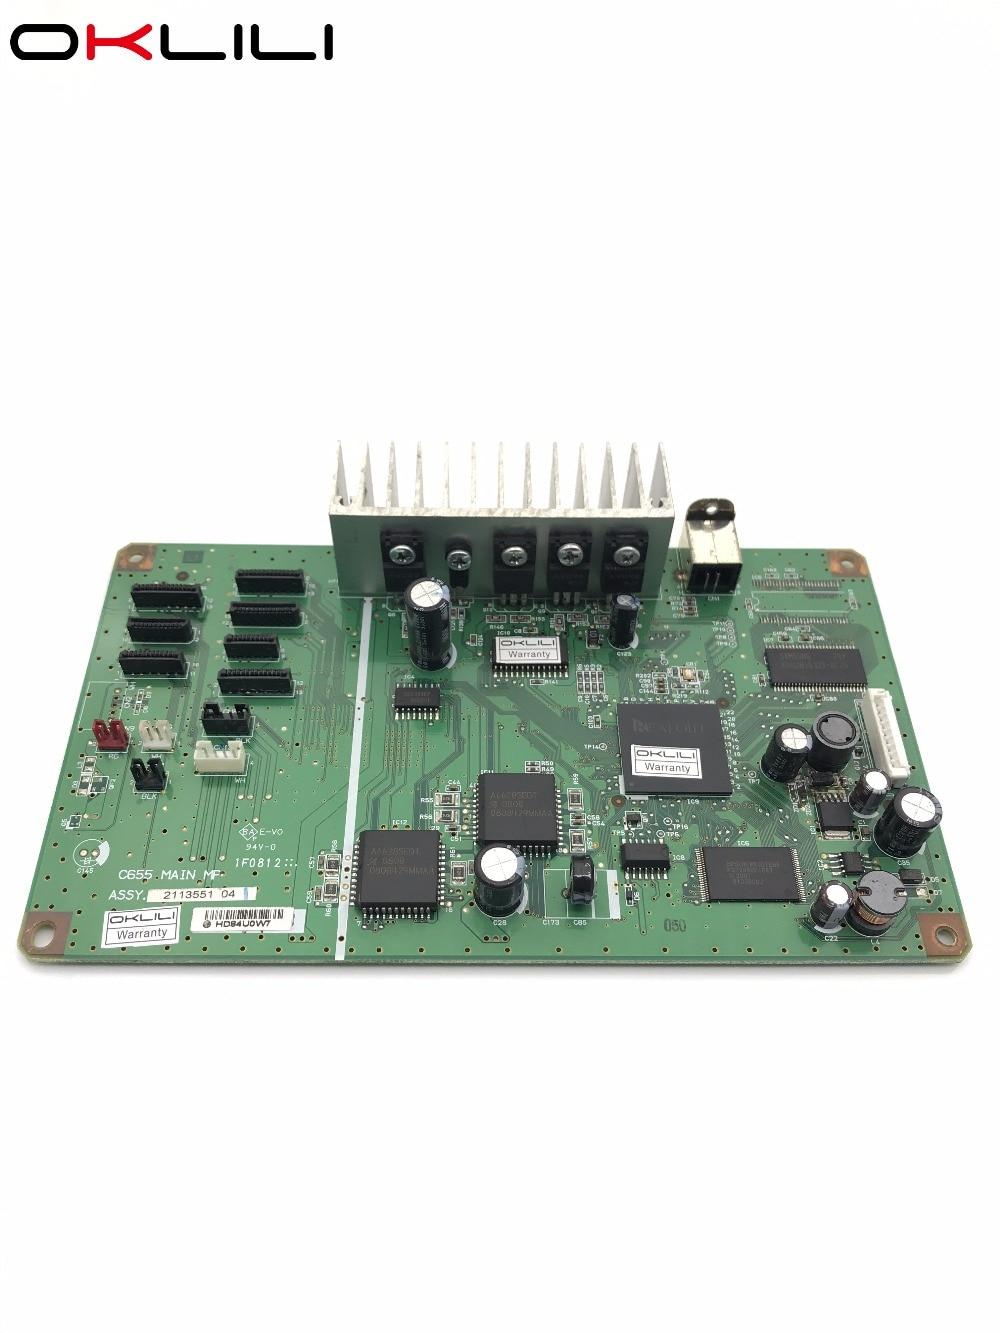 اللوحة الأم PCA ASSY للتنسيق 2157152 ، 2118698 ، 2113551 ، لجهاز Epson 1390 ، R1390